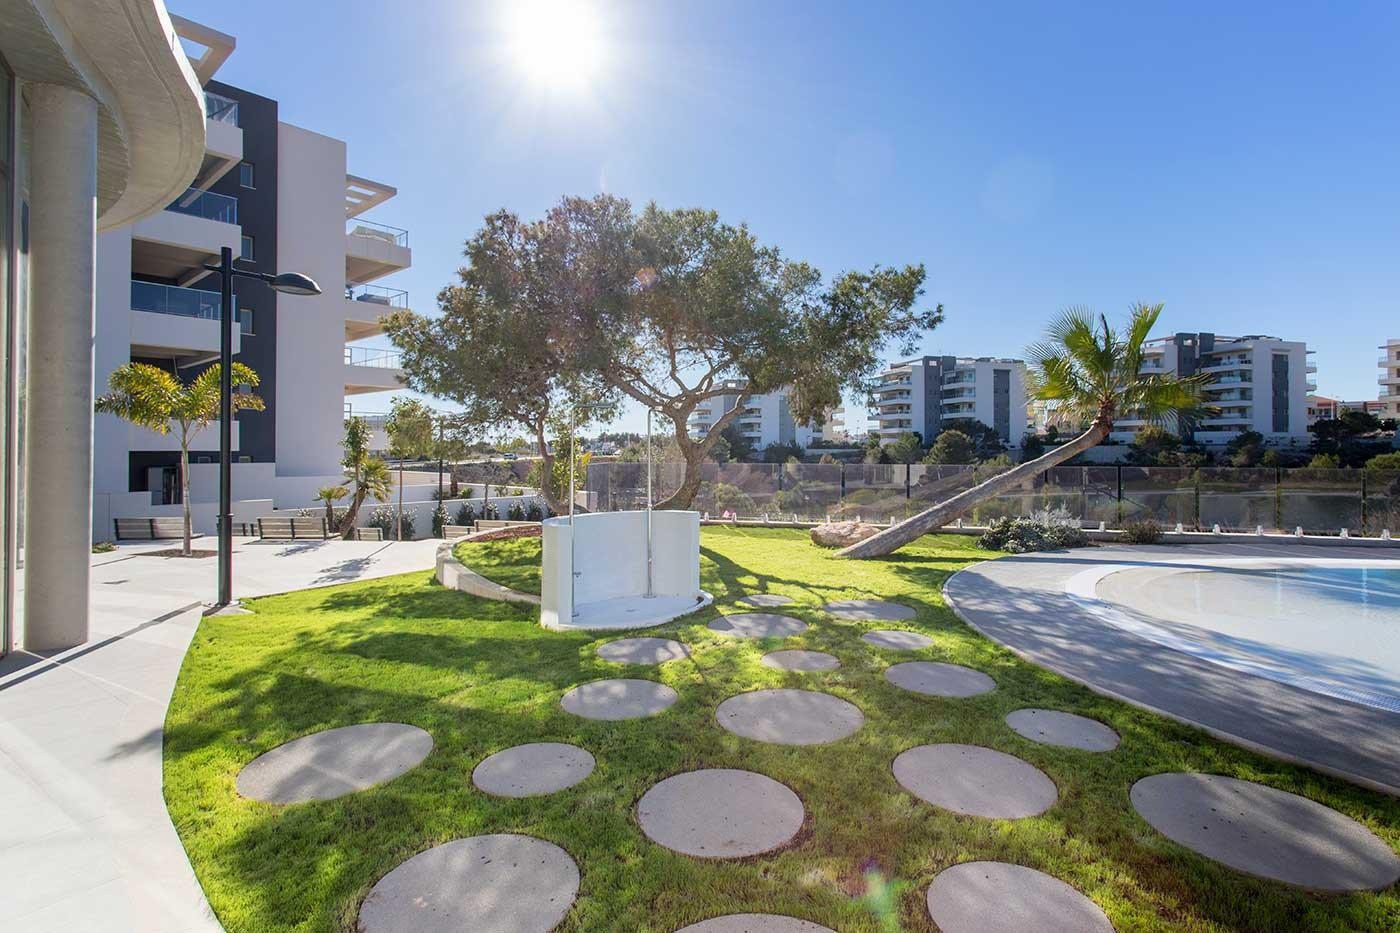 Complejo de estilo moderno con apartamentos de 2,3 dormitorios y 2 baños con amplias terra - imagenInmueble20